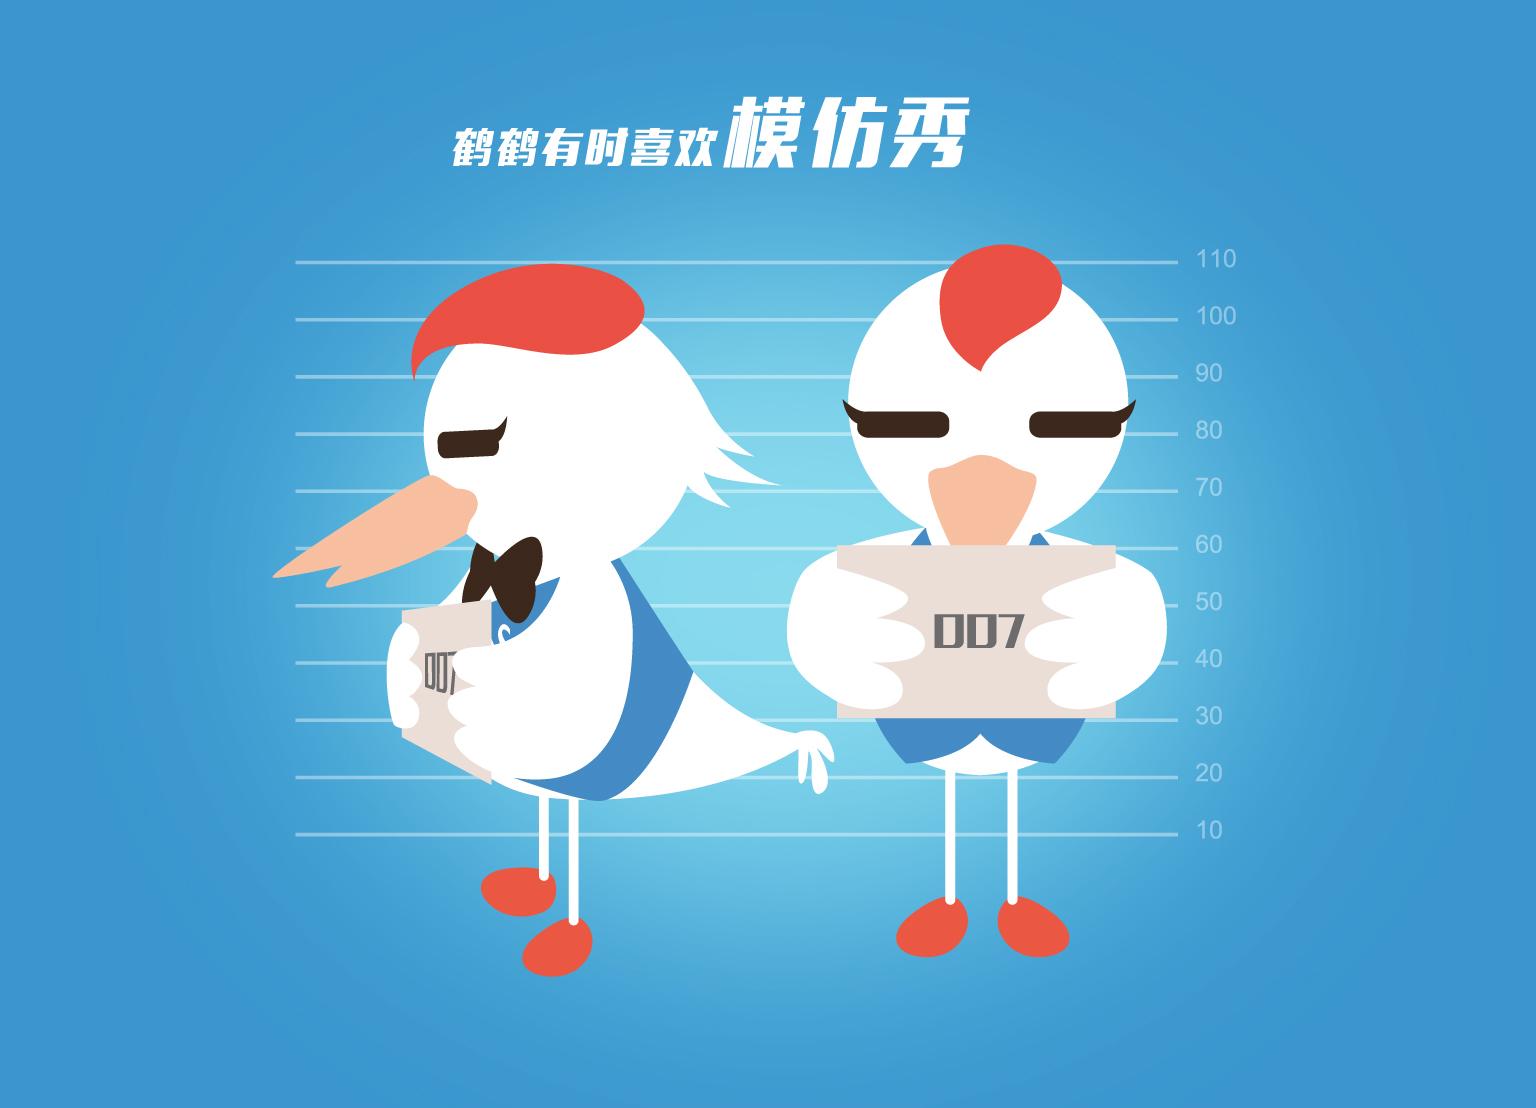 正在参与:心随鹤飞翔    飞鹤卡通形象全球创意征集图片